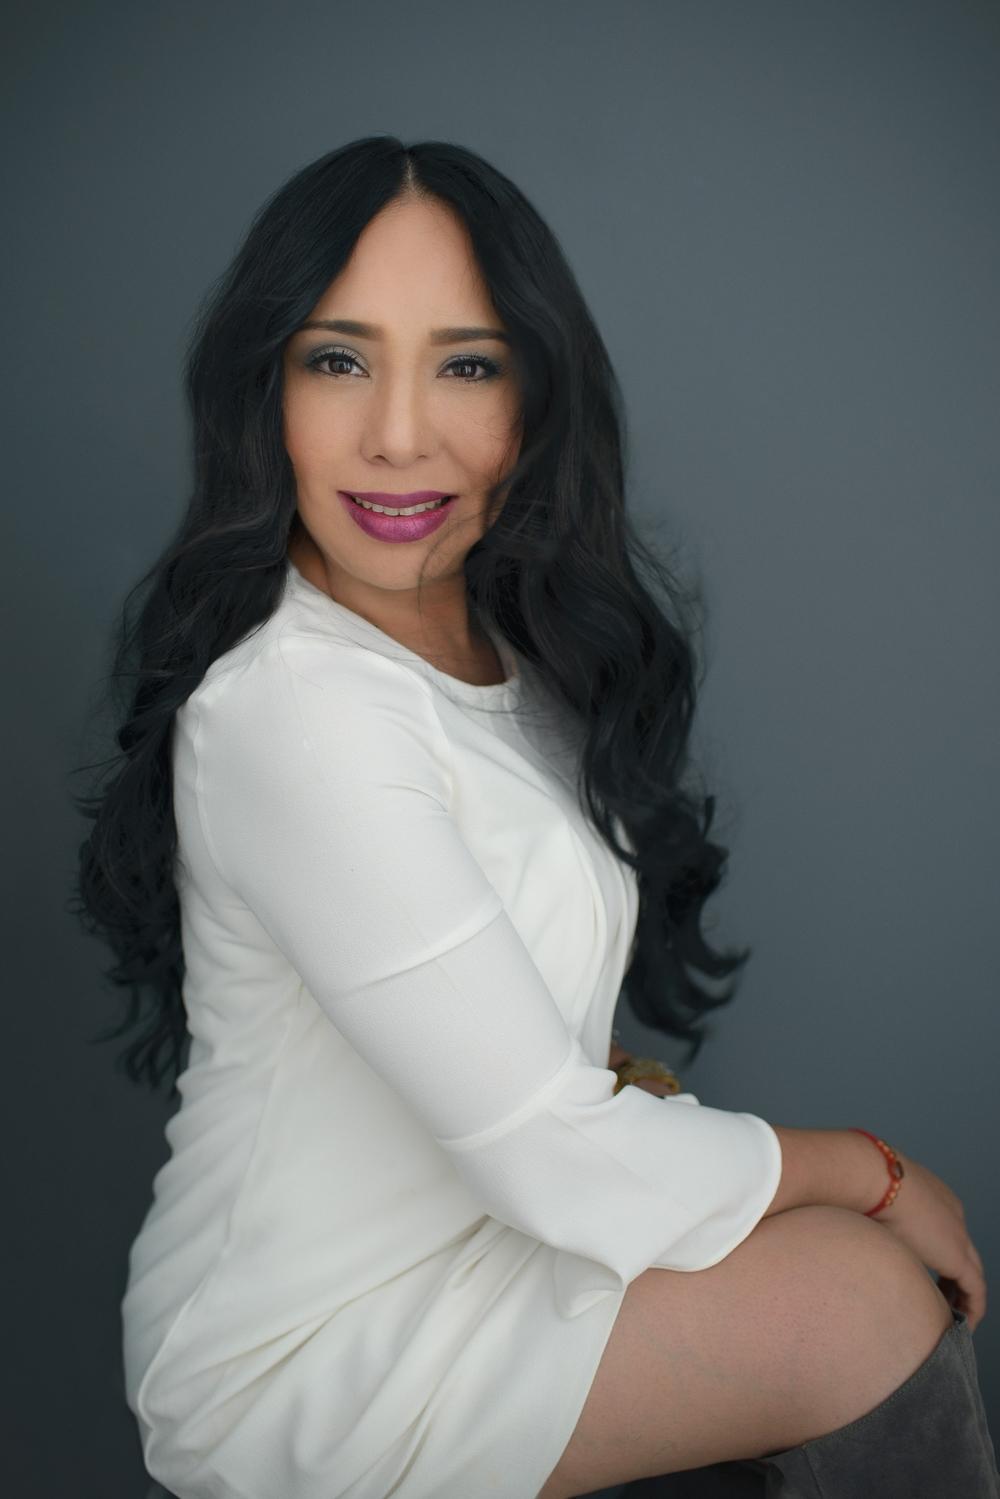 Rocío-Melissa Alcantar Fotografía-Sesión de fotos en Mexicali